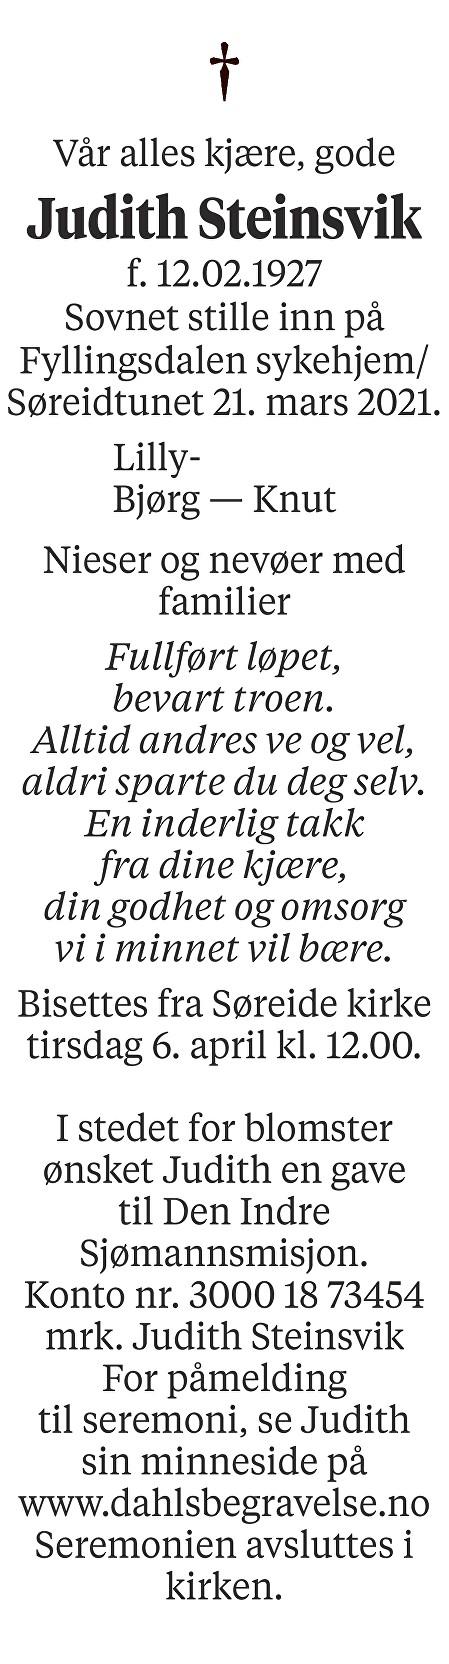 Judith Steinsvik Dødsannonse